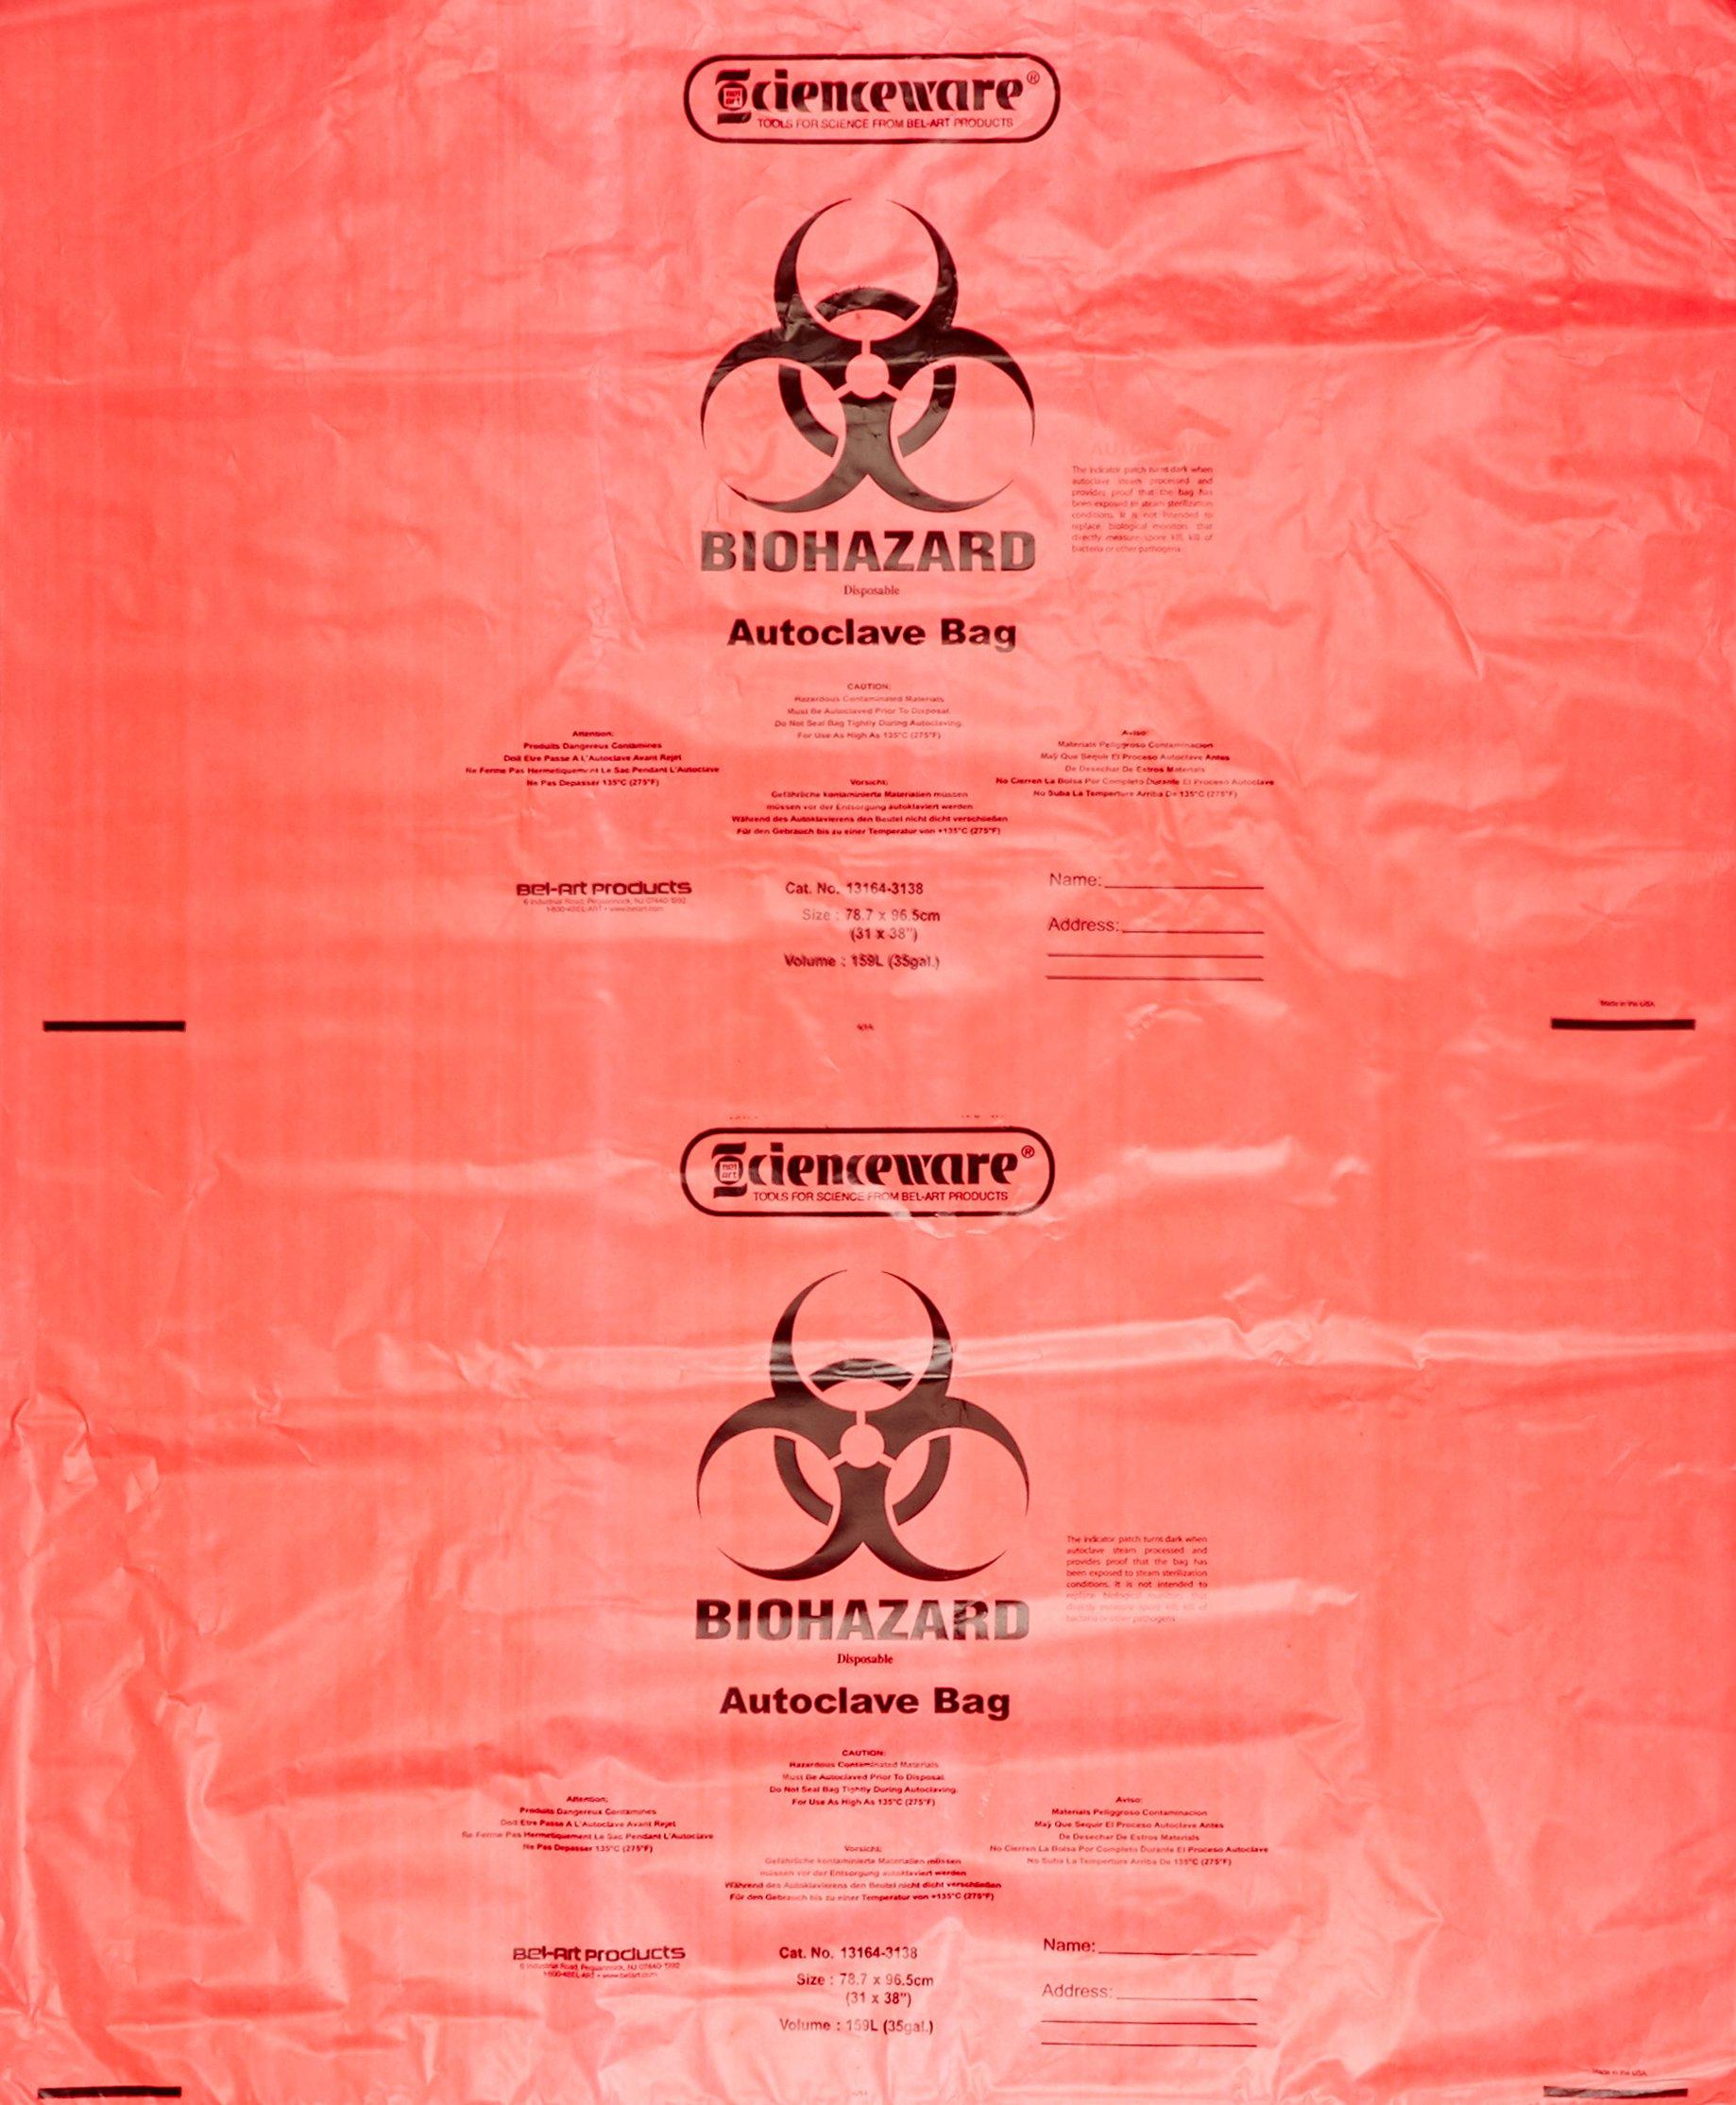 Biohazard Disposal Bags 20-30 Gallon